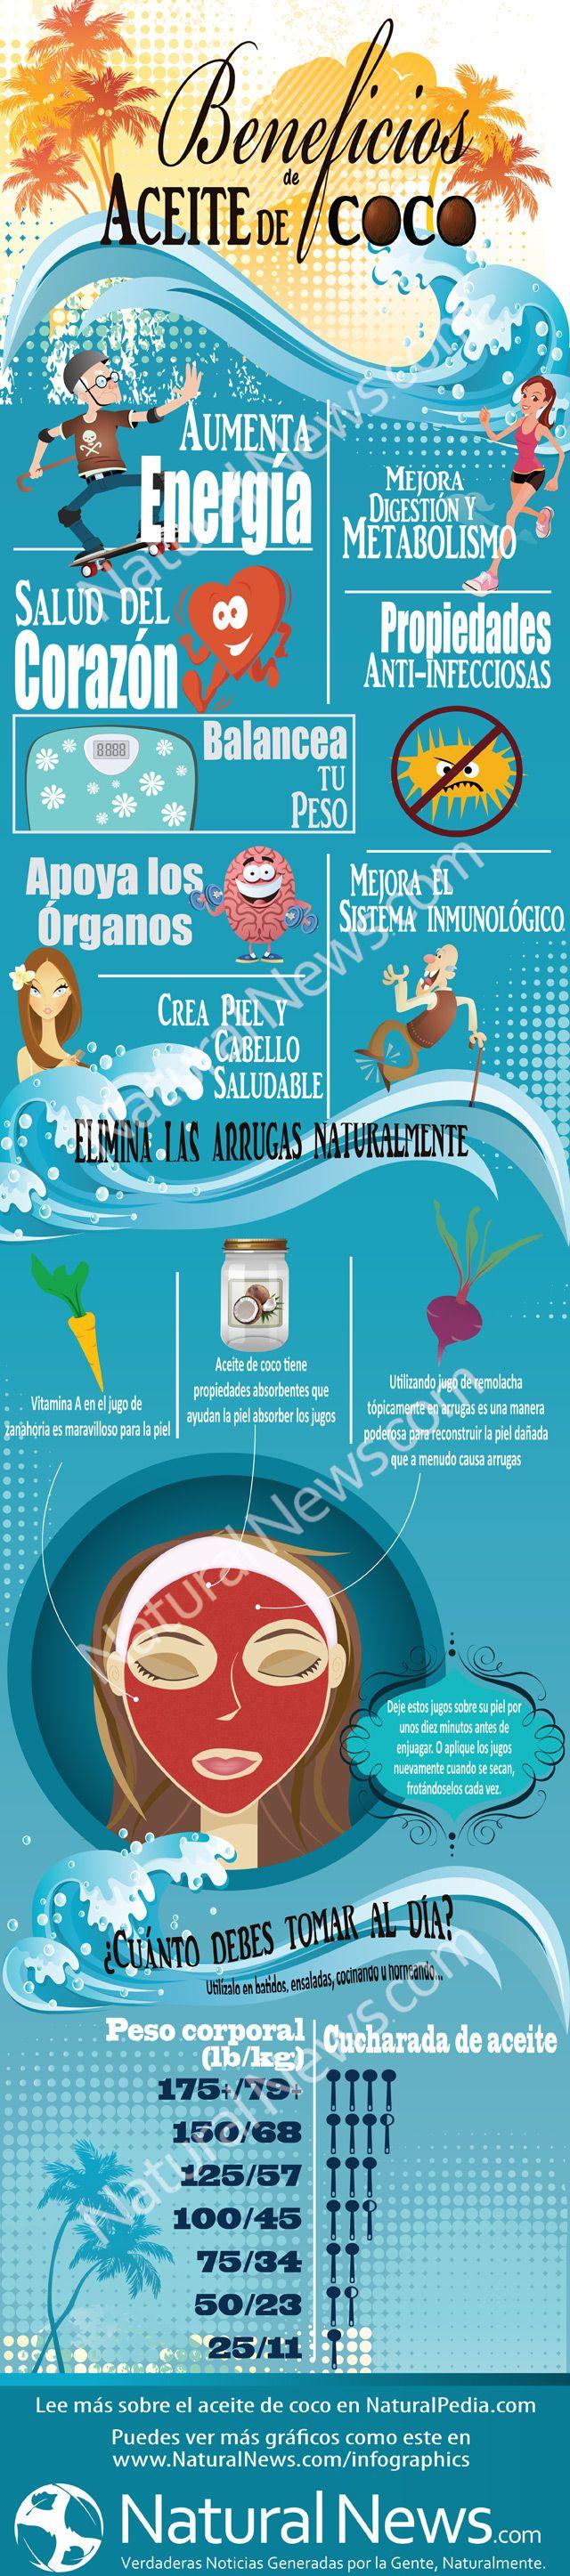 Beneficios de Aceite de Coco, aparta de estar riquísimo aporta energía y te ayuda a cuidar tu peso, entre otros. con  naturalnews.com #AguaDeCoco #Beneficios #VidaSaludable